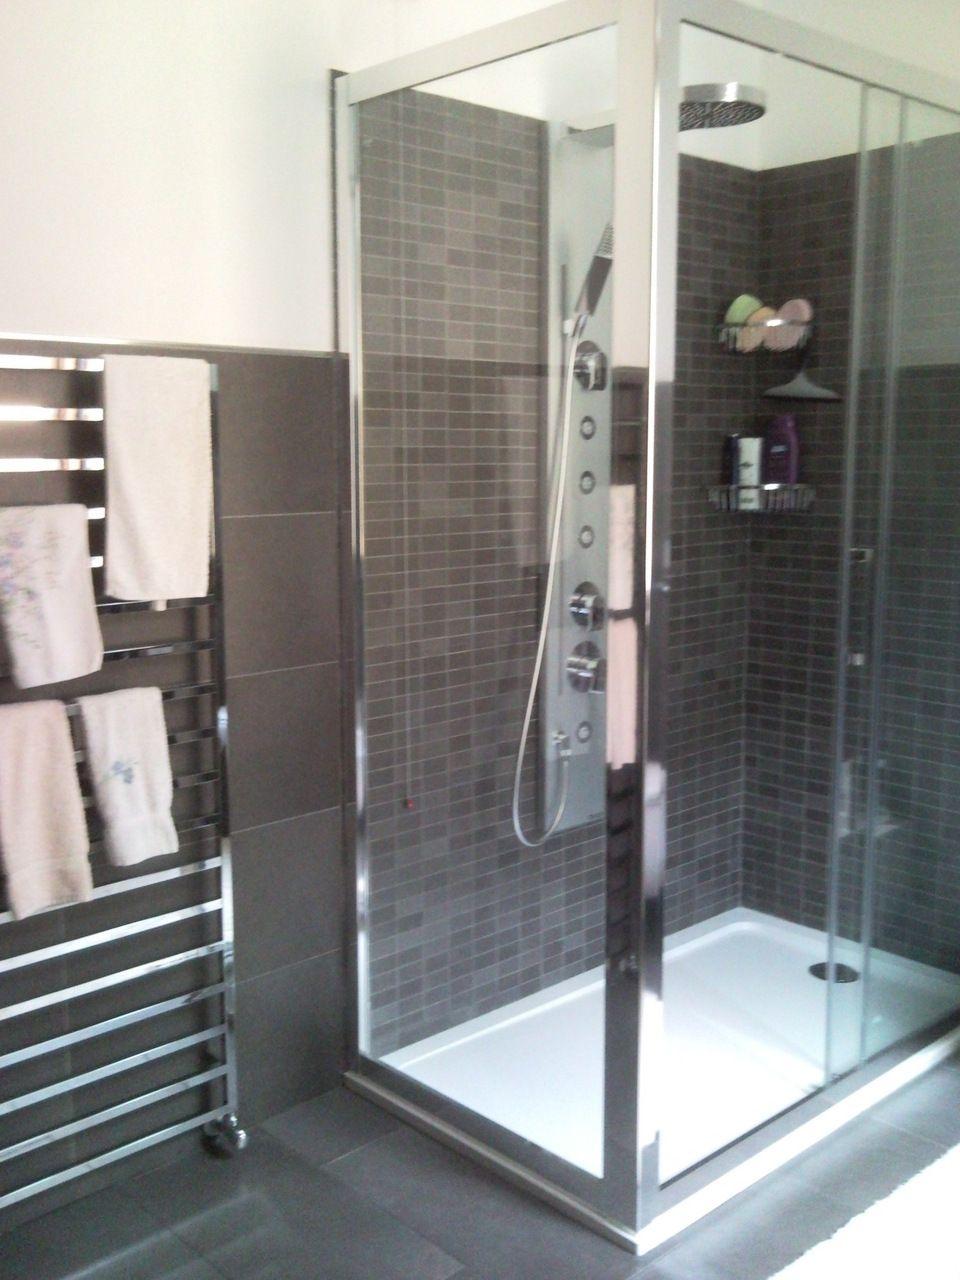 Idee rivestimenti bagno cerca con google bathroom pinterest bath room mixers and bath - Idee bagno rivestimenti ...